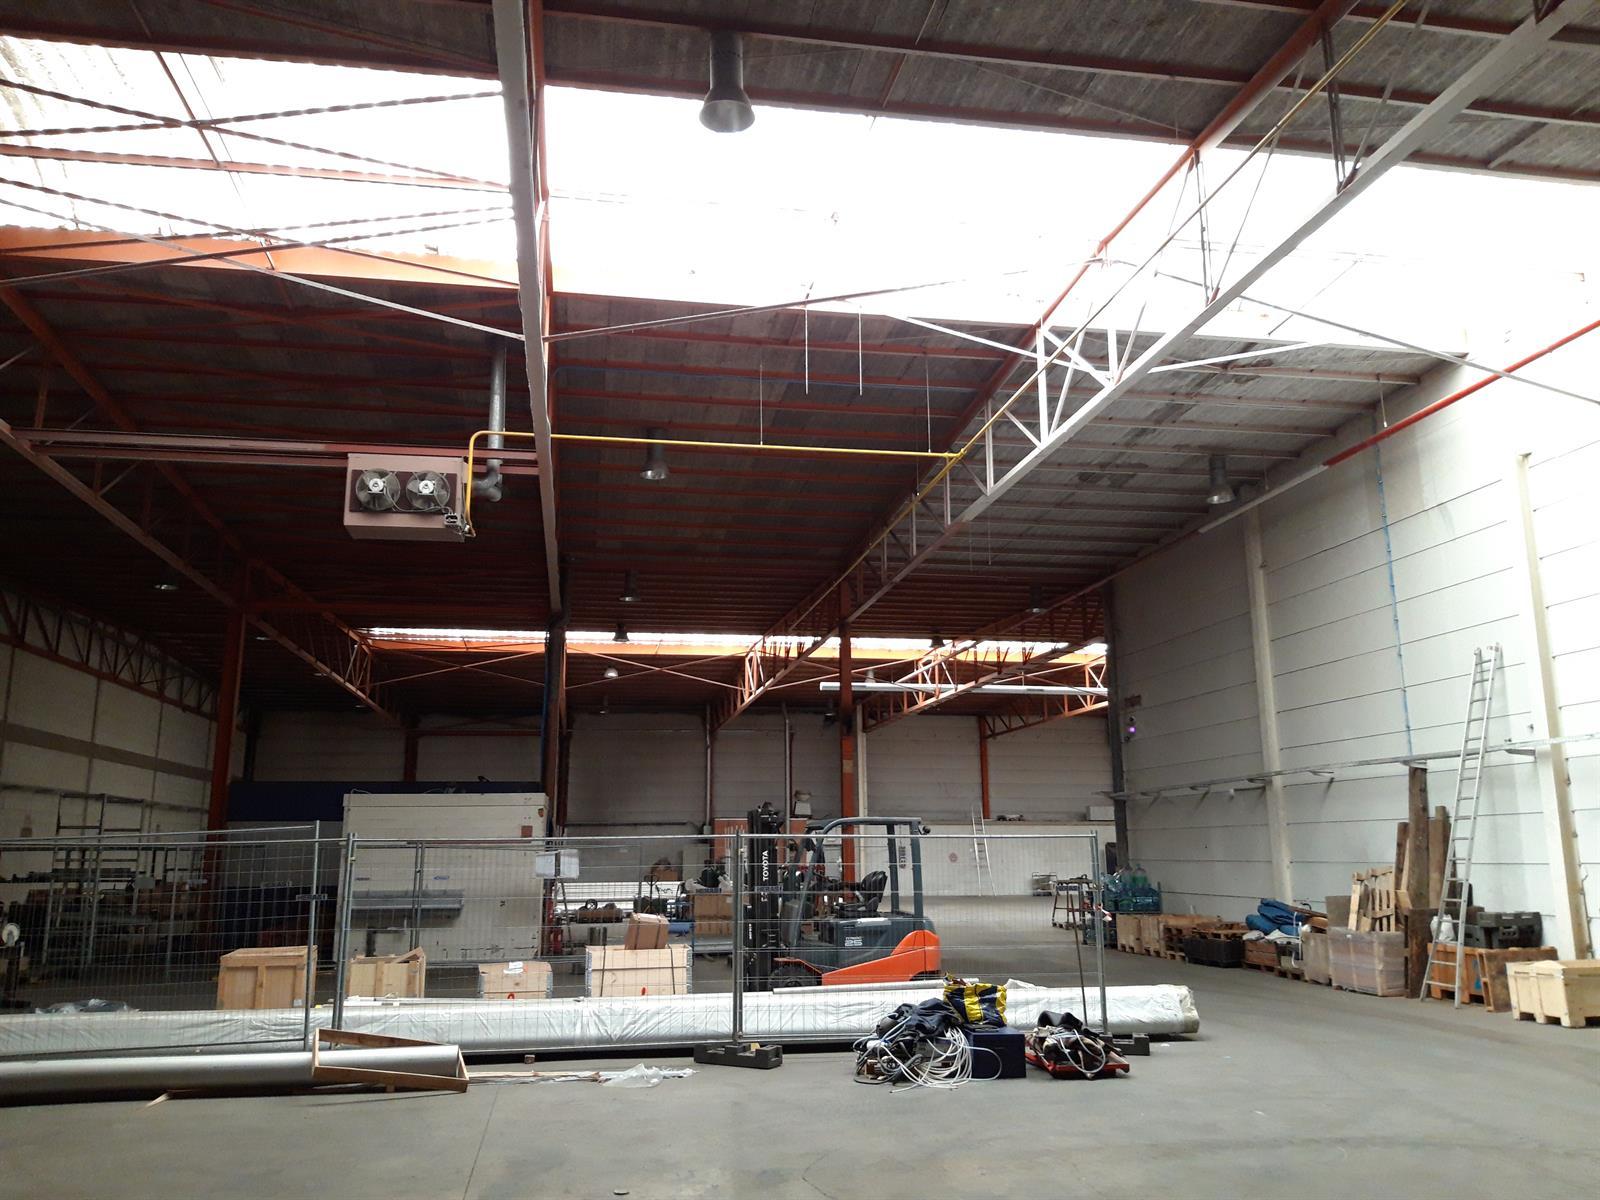 kantoren & magazijn te koop OUDEBAAN 71 WILRIJK - Oudebaan 71, 2610 Antwerpen Wilrijk, België 6